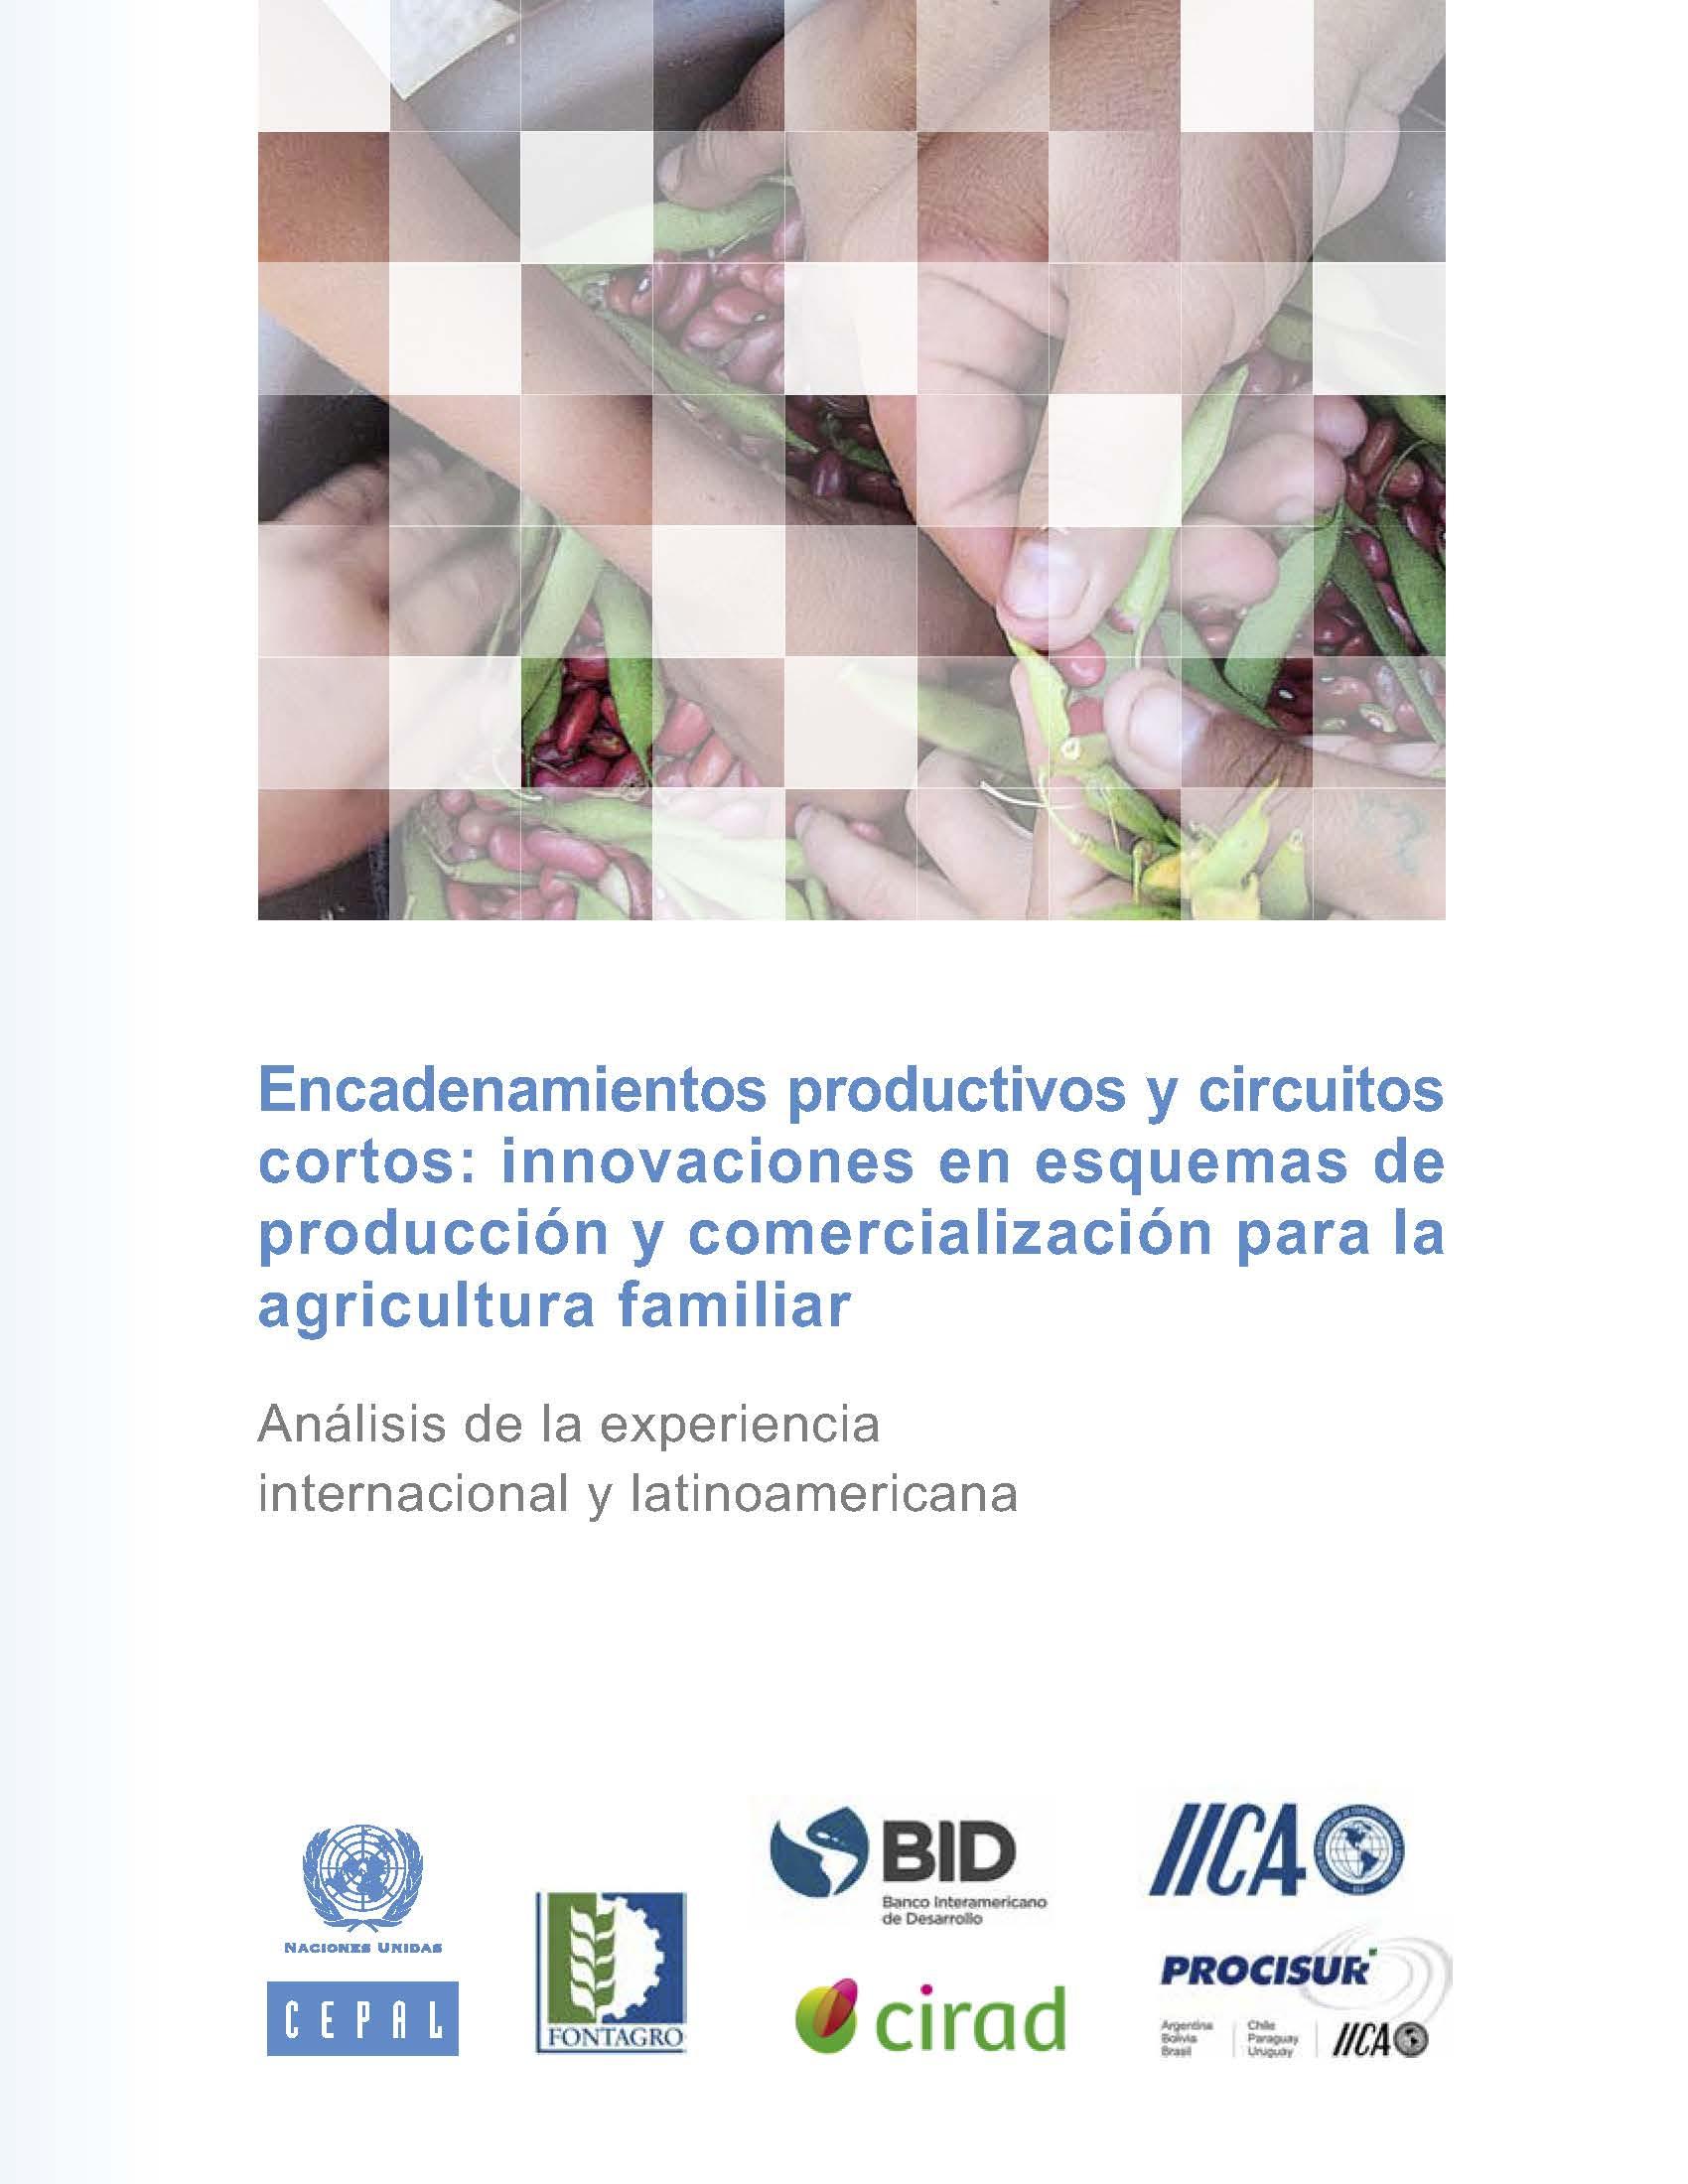 Innovaciones en esquemas de producción y comercialización para la agricultura familiar